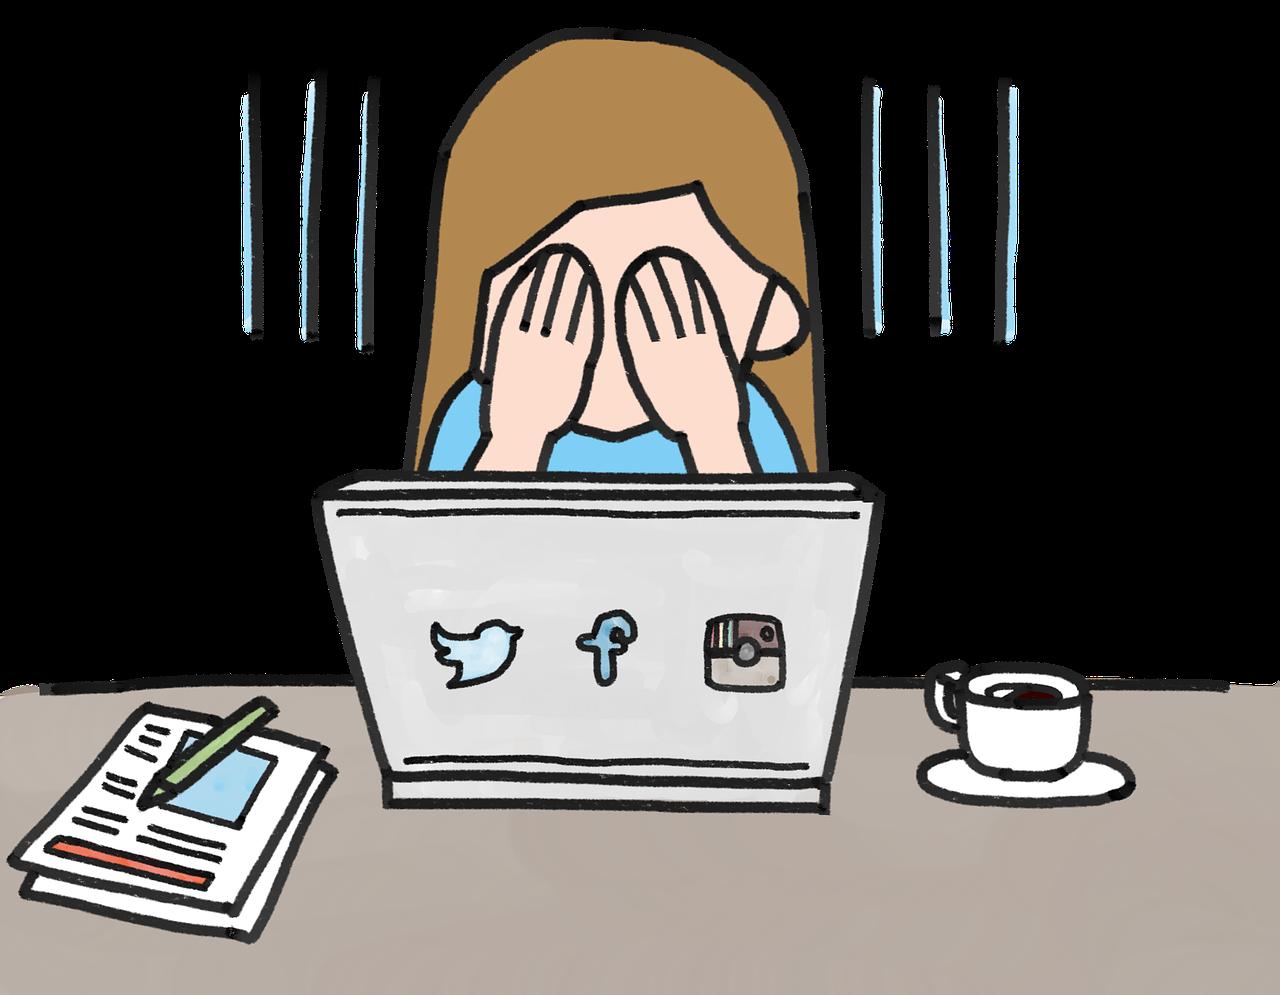 como-se-comportar-redes-sociais